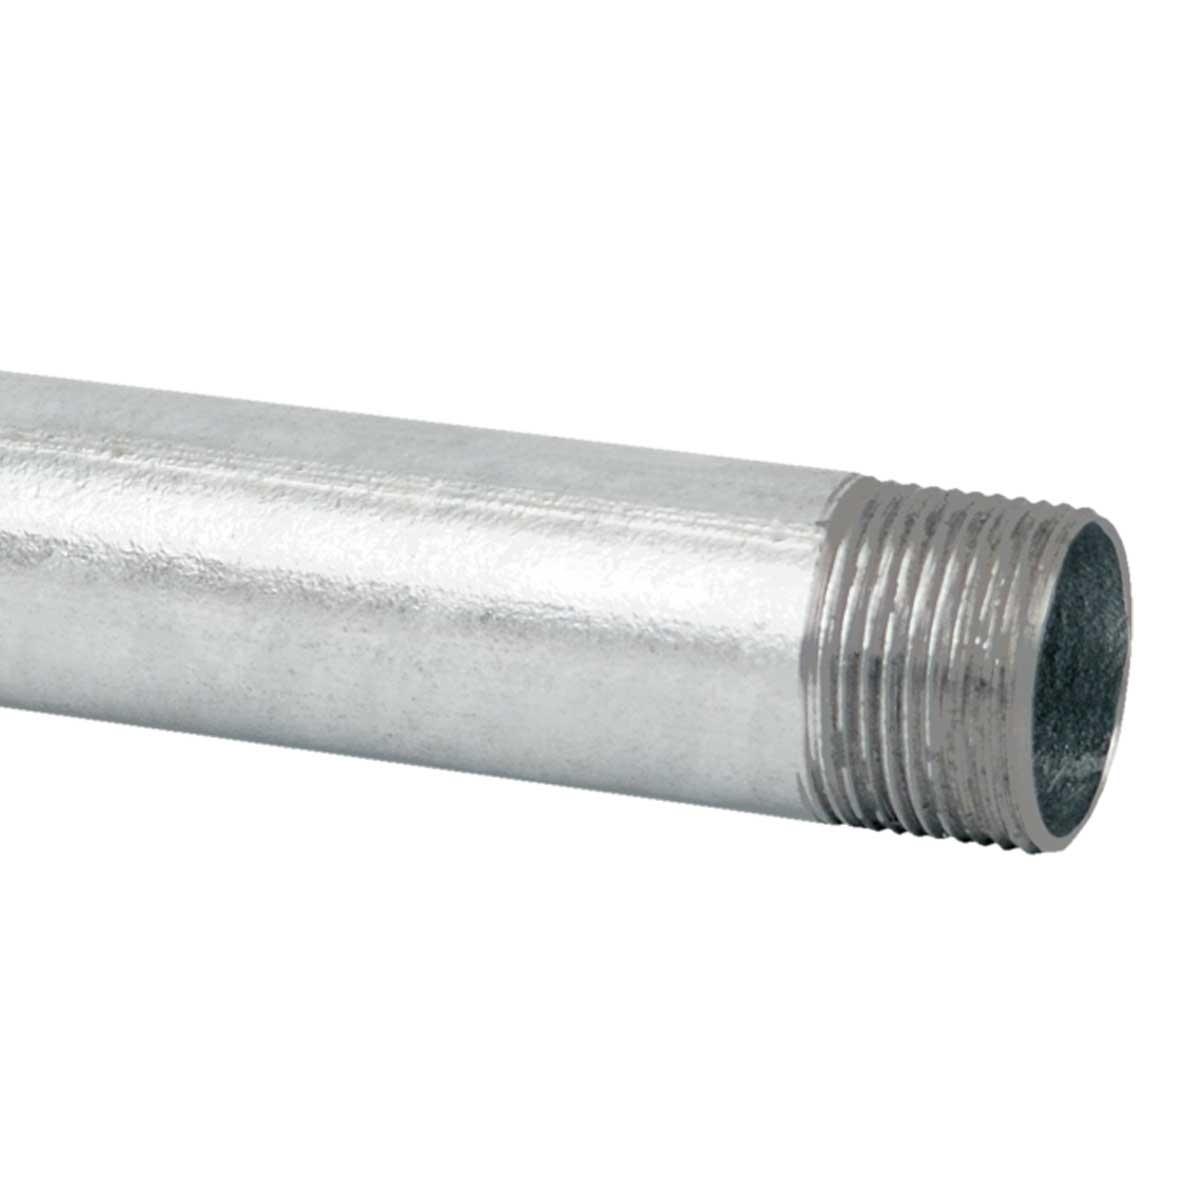 Труба металева (внутрішній d- 25,7 мм, зовнішній d- 28,3 мм); з різьбовою муфтою;; сталь оцинкована шар цинку 17-19мкм стійкість корозії- 2 кат.;